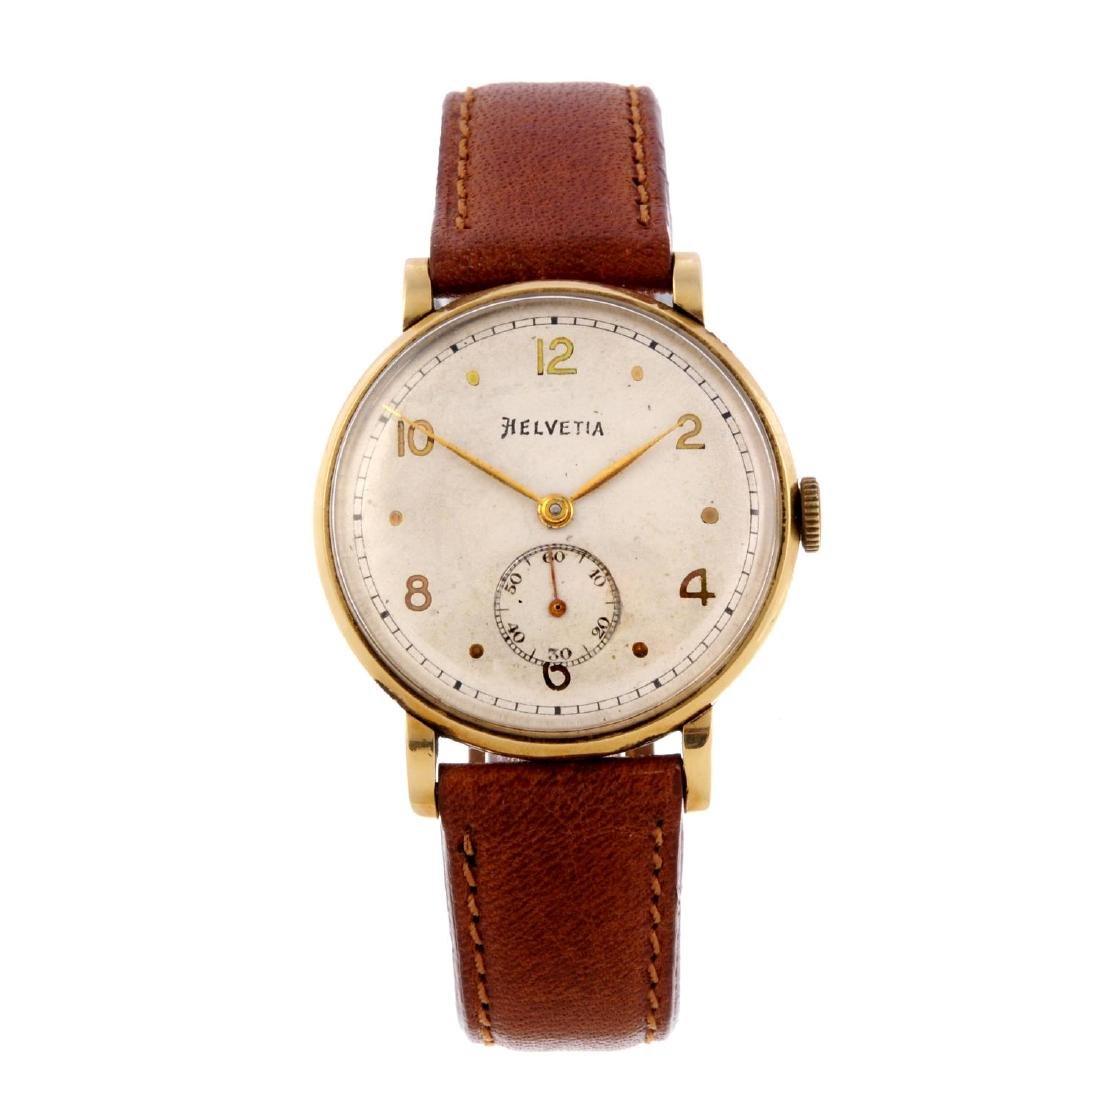 HELVETIA - a gentleman's wrist watch. Yellow metal case